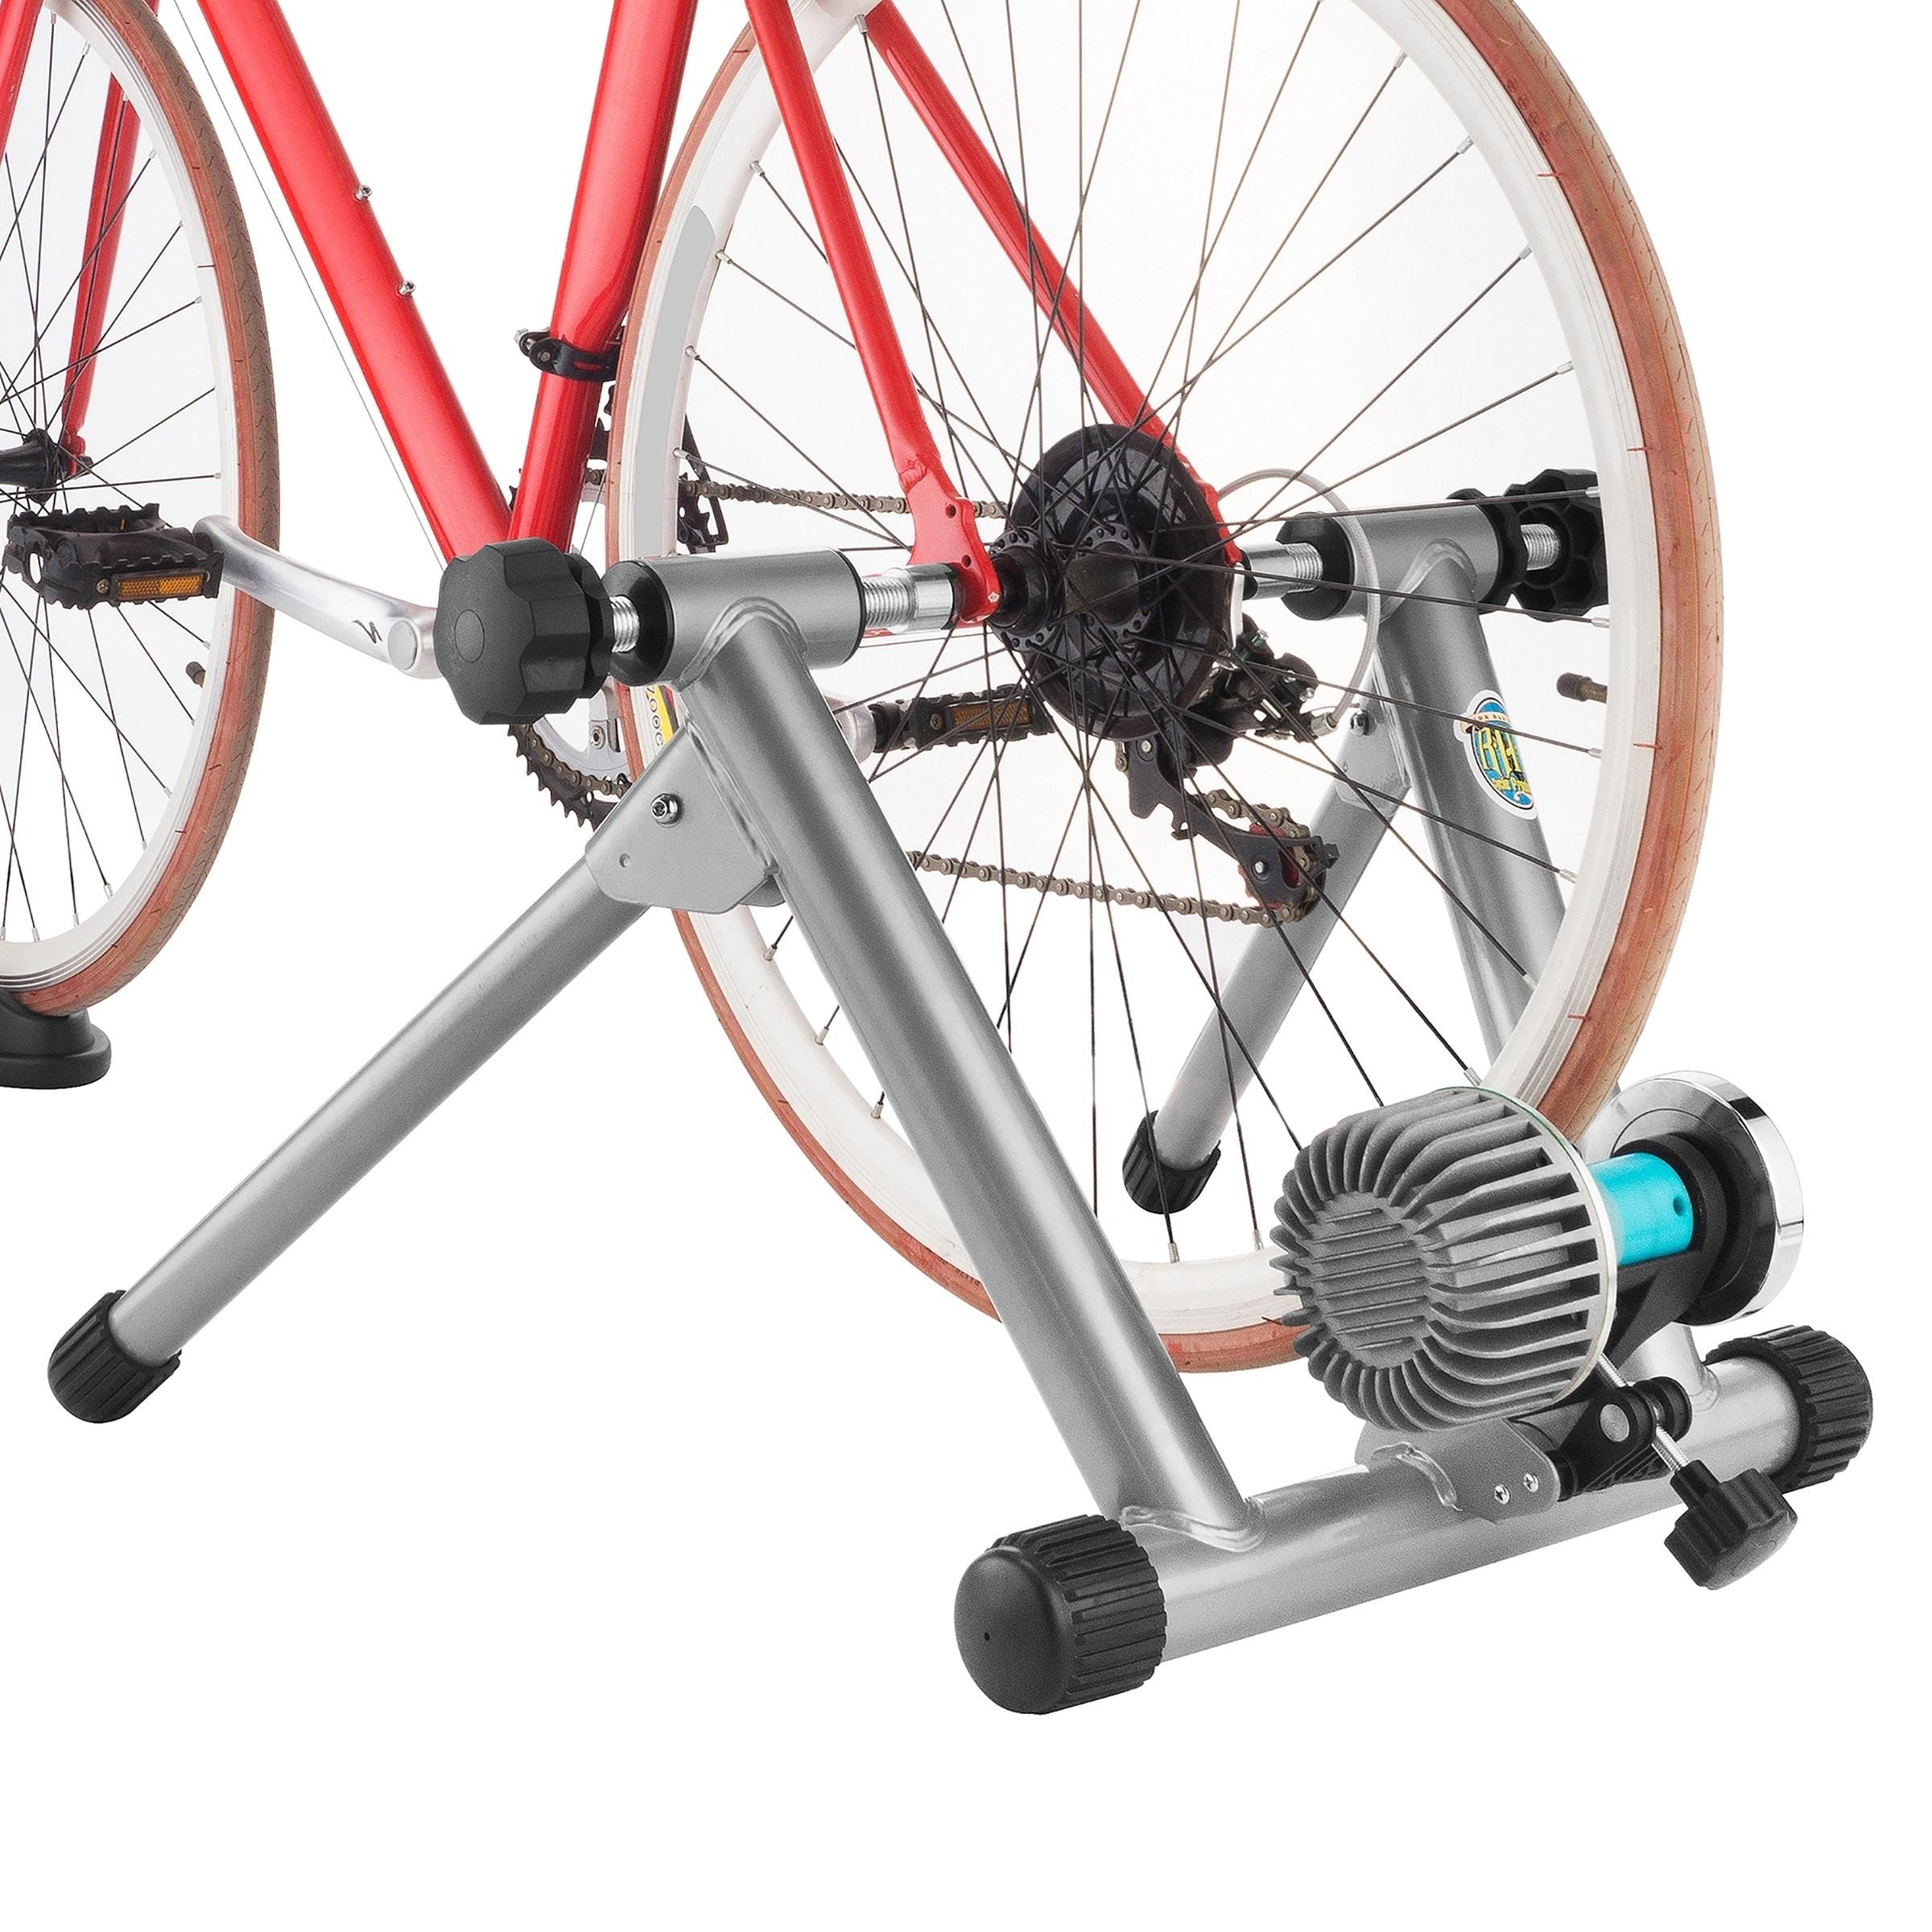 Fluid Bike Trainer >> Shop Robomag Bike Trainer Indoor Bicycle Fluid Trainer 1200 Rad